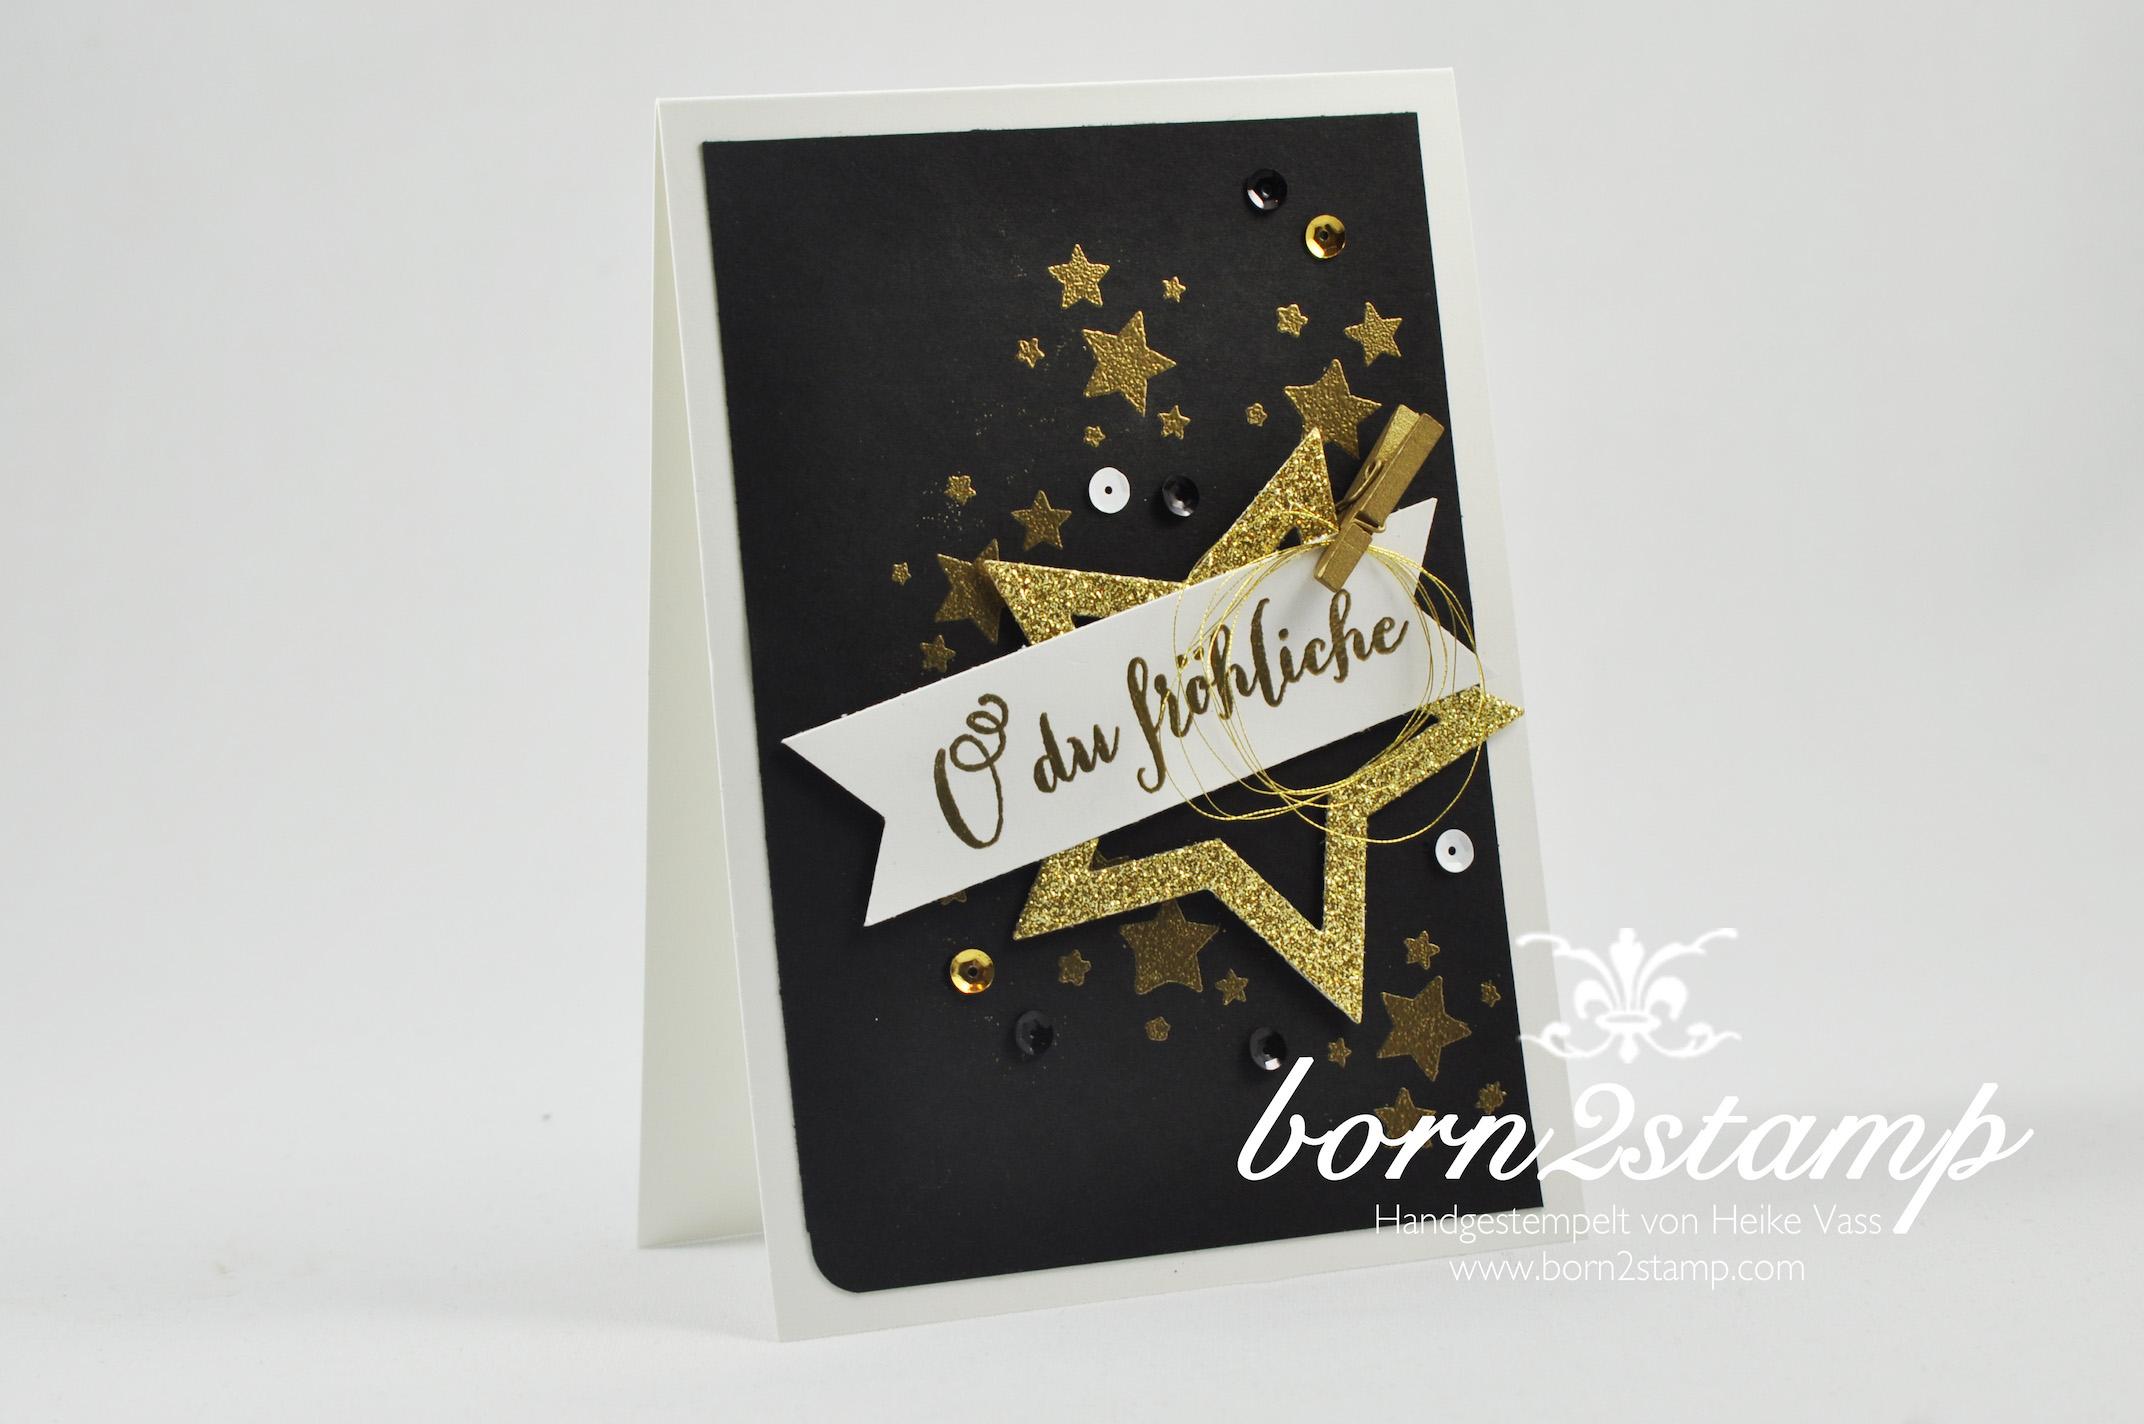 born2stamp STAMPIN' UP! Weihnachtskarte – Stern-Kollektion – Embossing – Perpetual Birthday Calendar – Froehliche Weihnachten